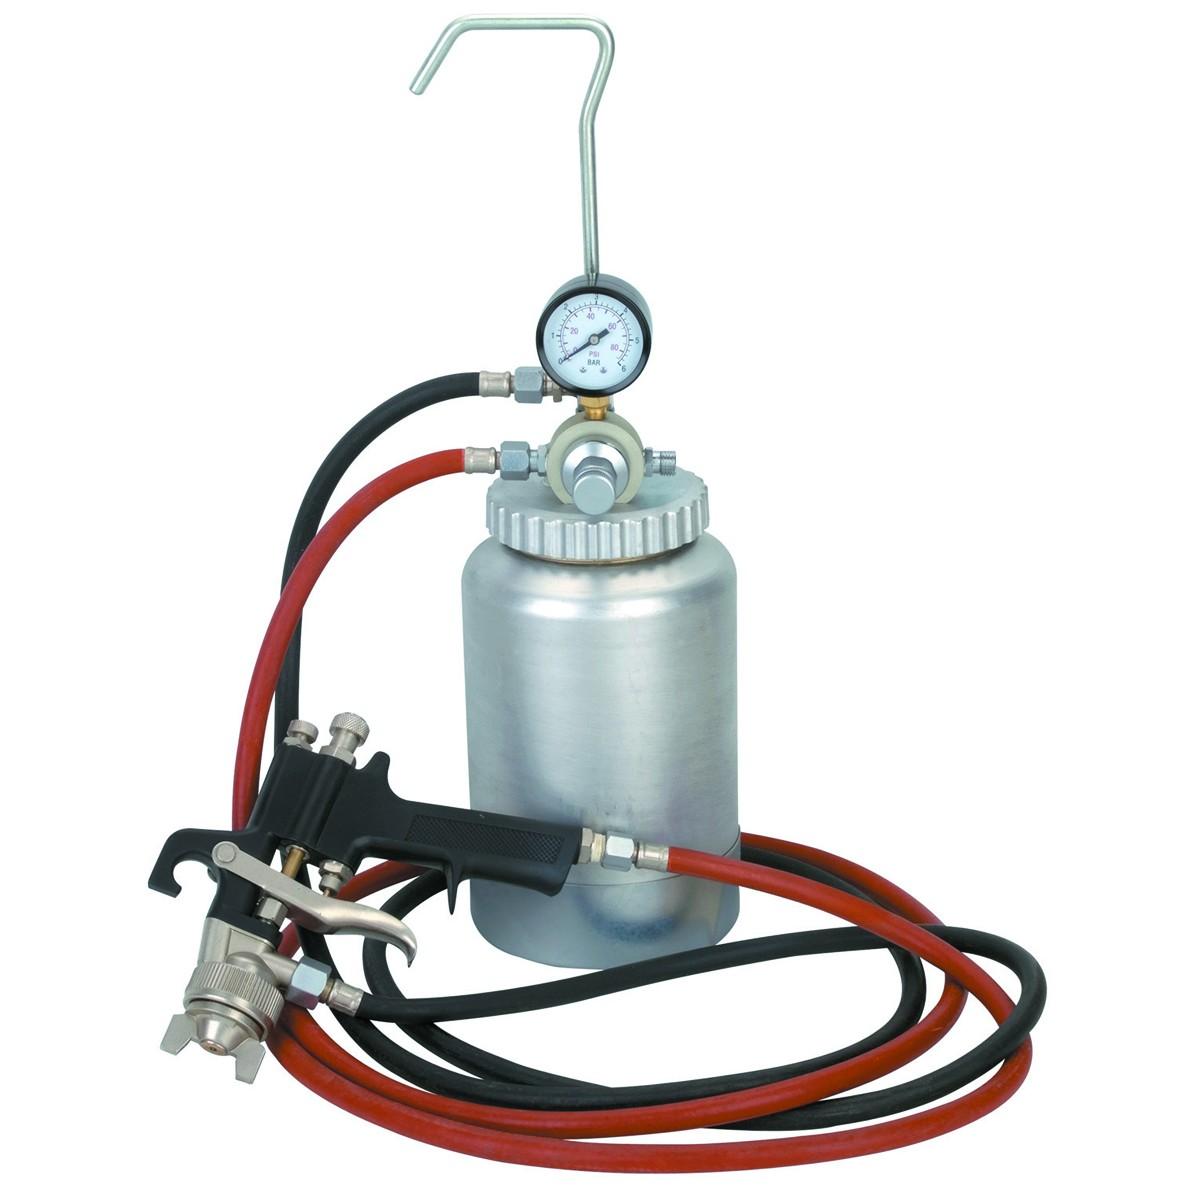 Air Spray Gun Paint - High Pressure Spray Gun S 770s Spray Gun Air ...